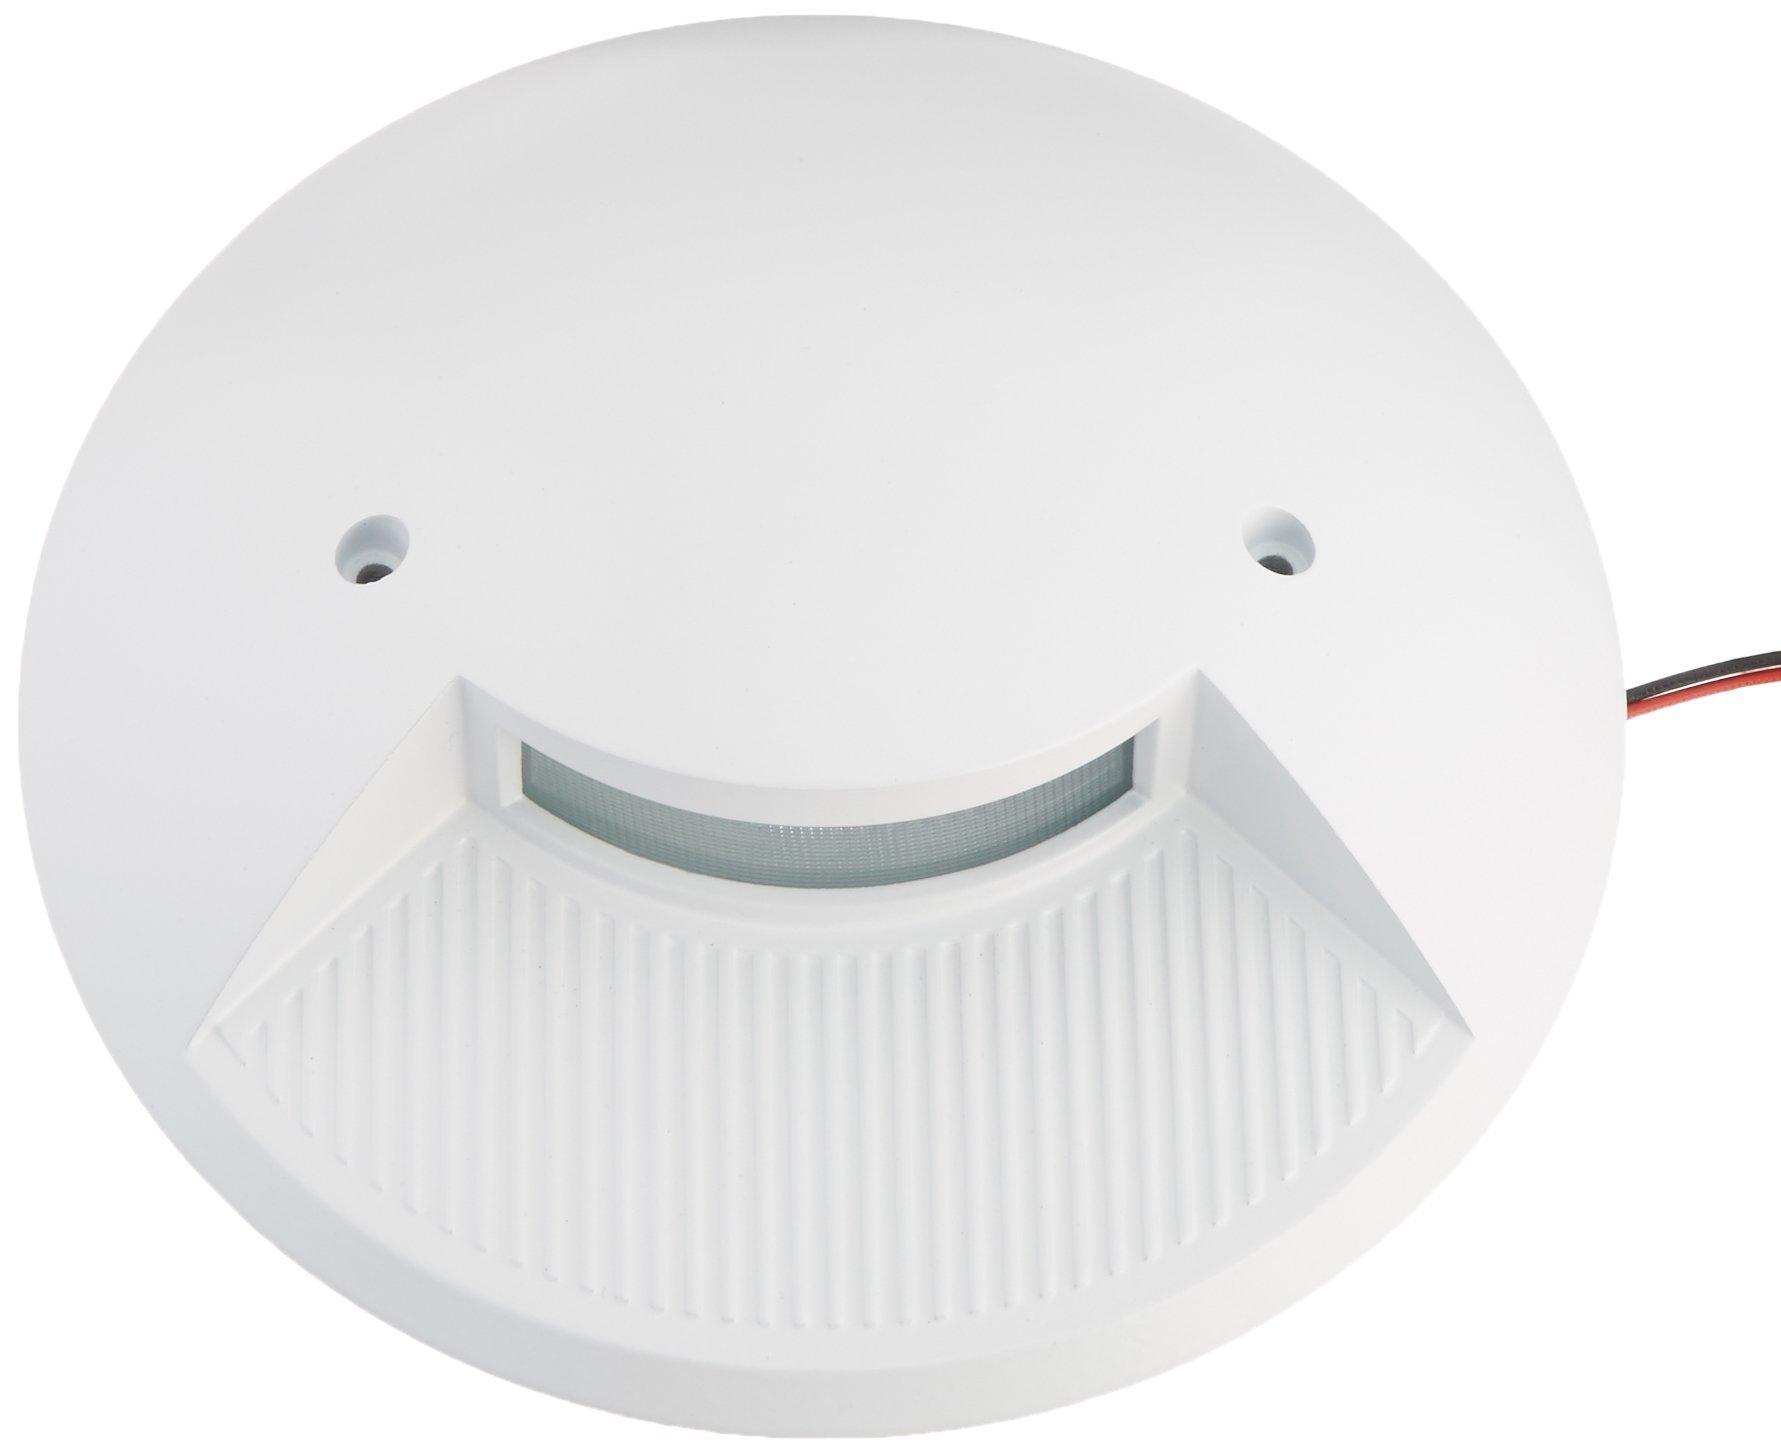 CSL Lighting SS3000-WT 3000 Series ADA LED Steplight, White Finish